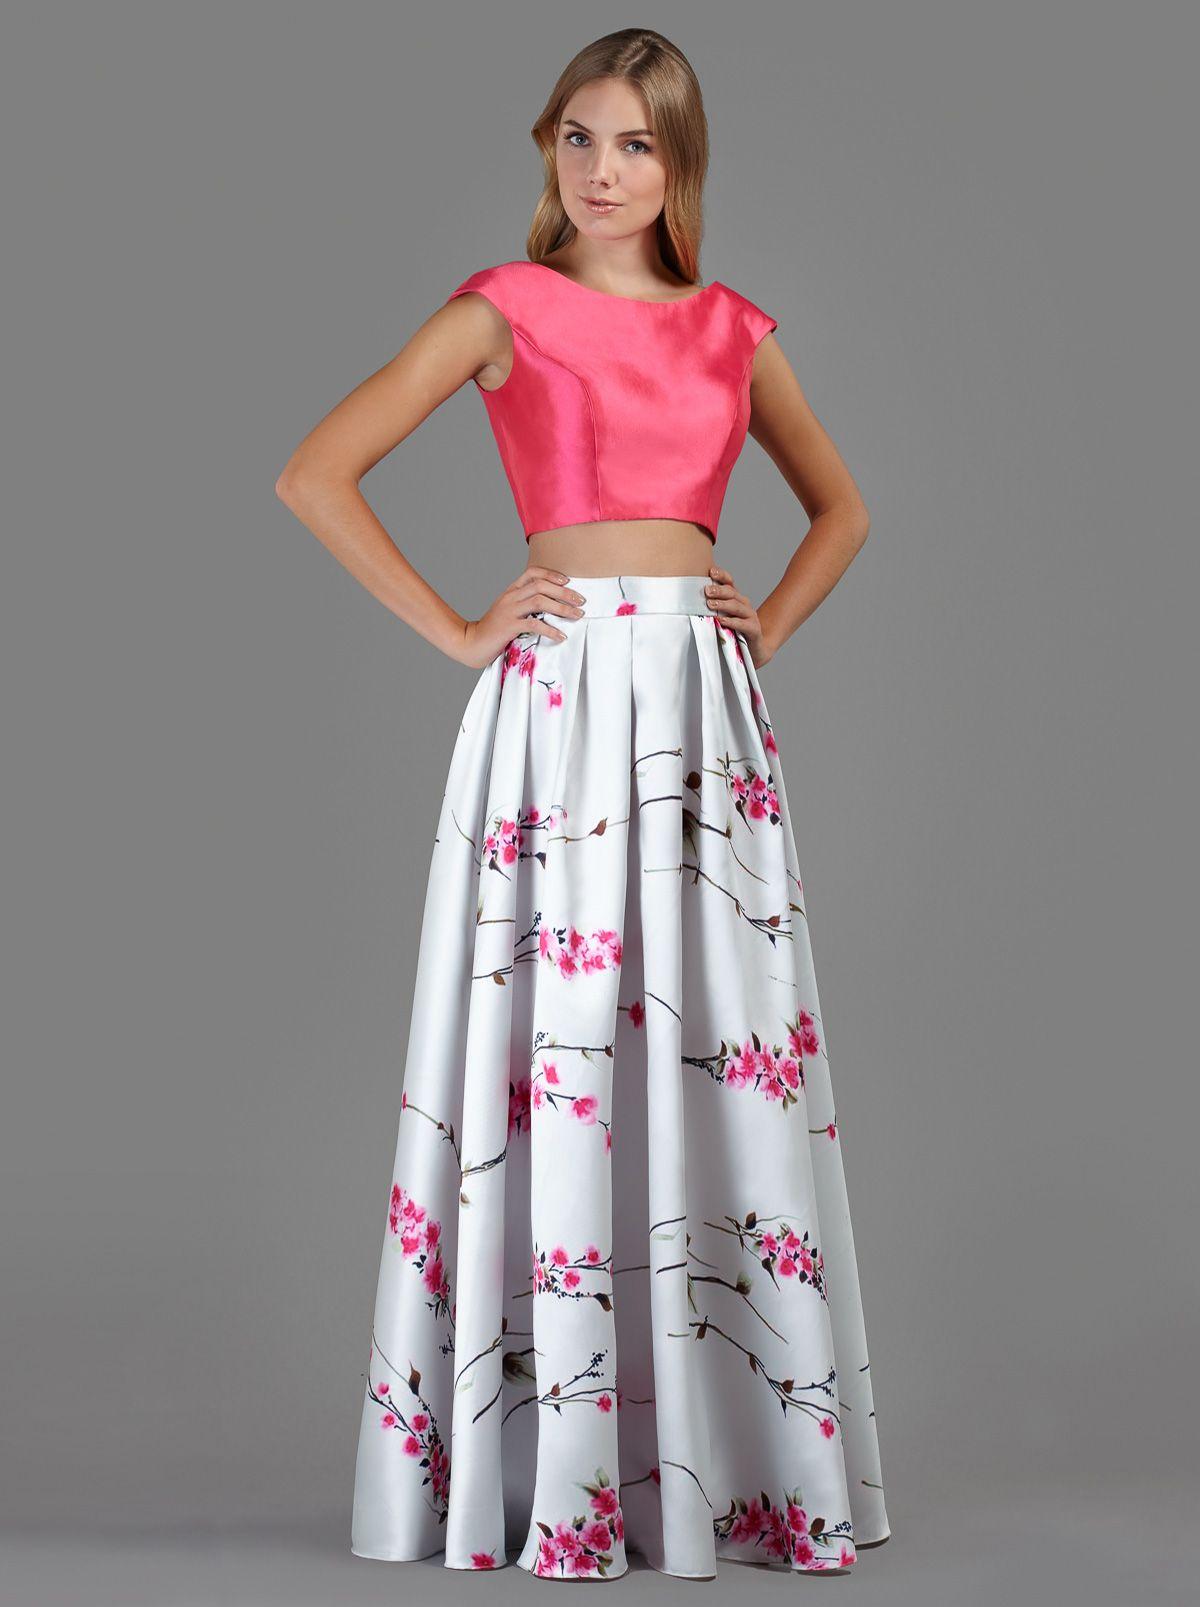 Φούστα μακριά βραδινή με φλοράλ λεπτομέρειες και τοπ - Βραδυνά Φορέματα b6c7935eedd